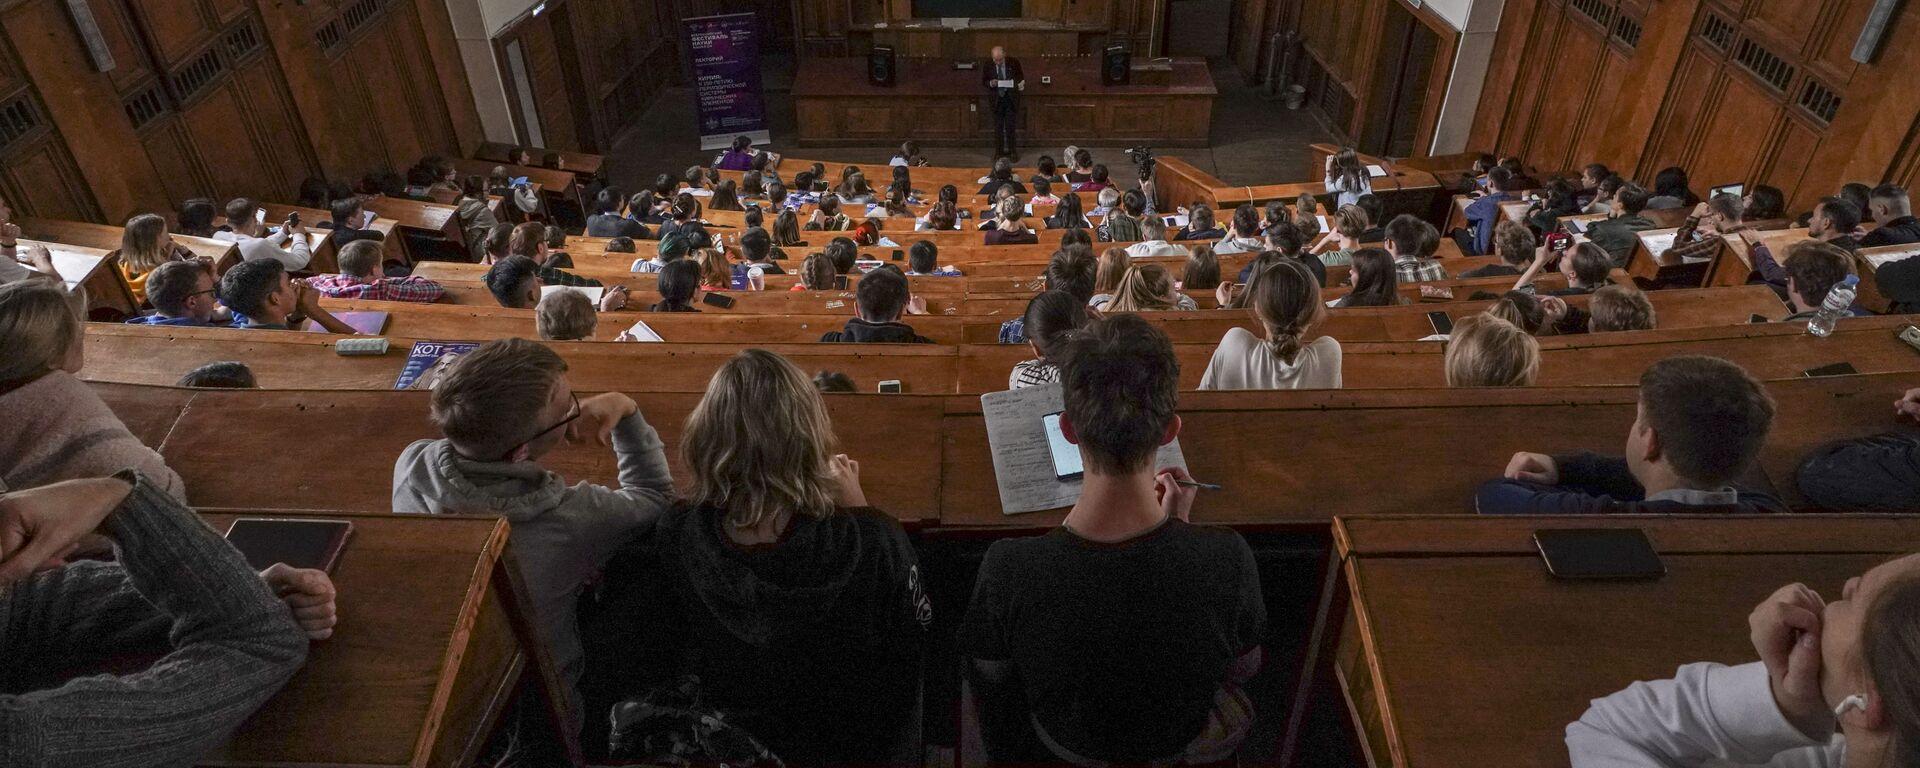 სტუდენტები ლექციაზე - Sputnik საქართველო, 1920, 02.09.2021